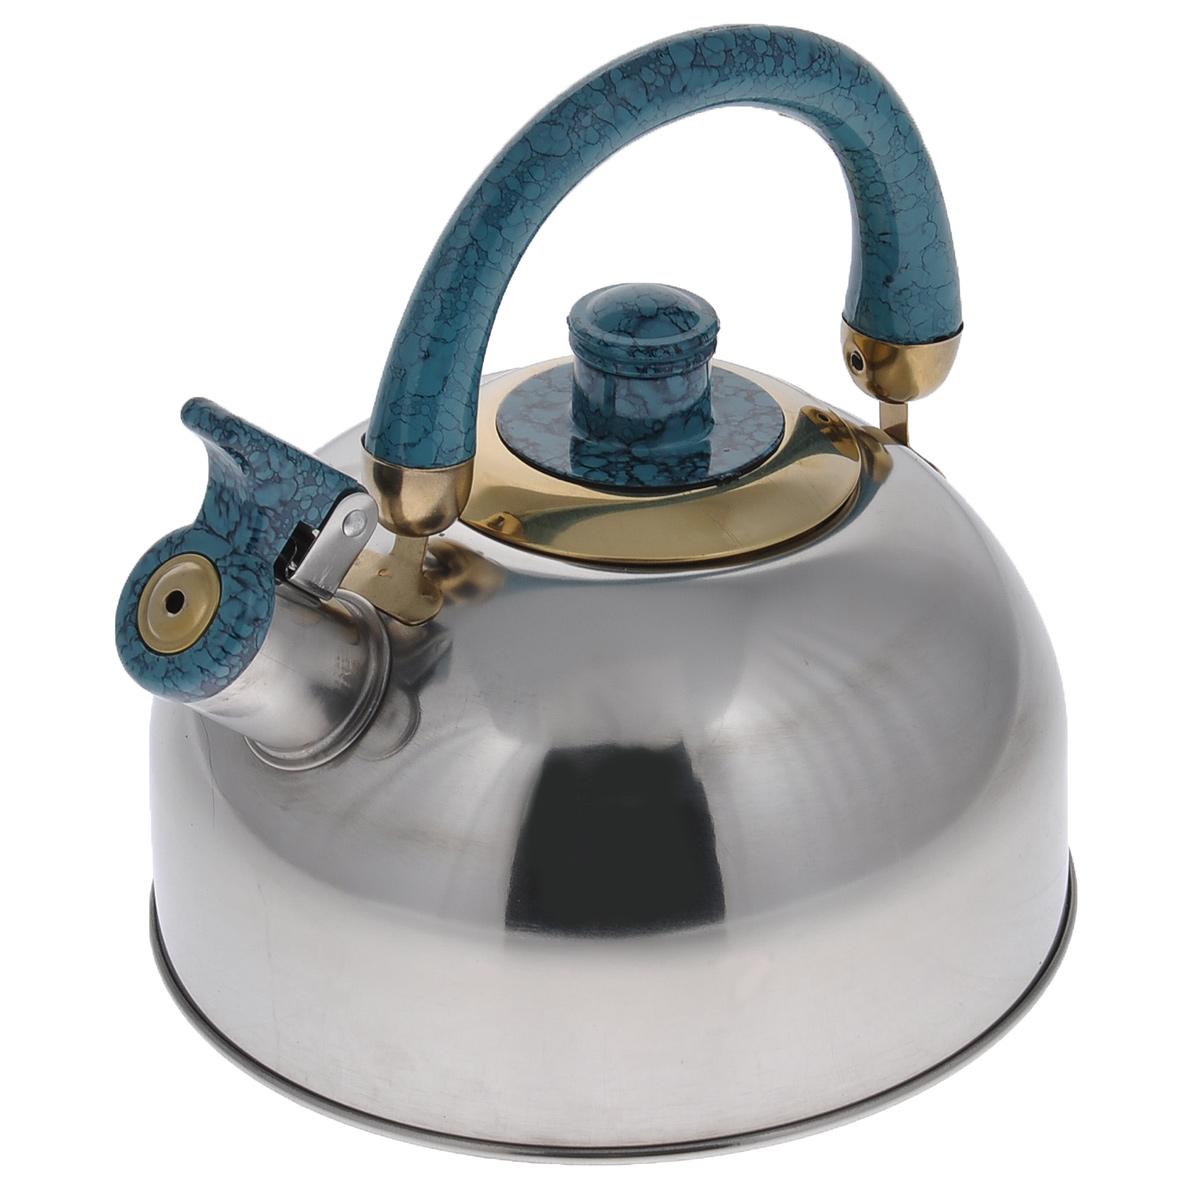 Чайник Mayer & Boch, со свистком, цвет: бирюзовый, 2 л. 1622 чайник mayer & boch цвет стальной бирюзовый золотой 4 л 1046a